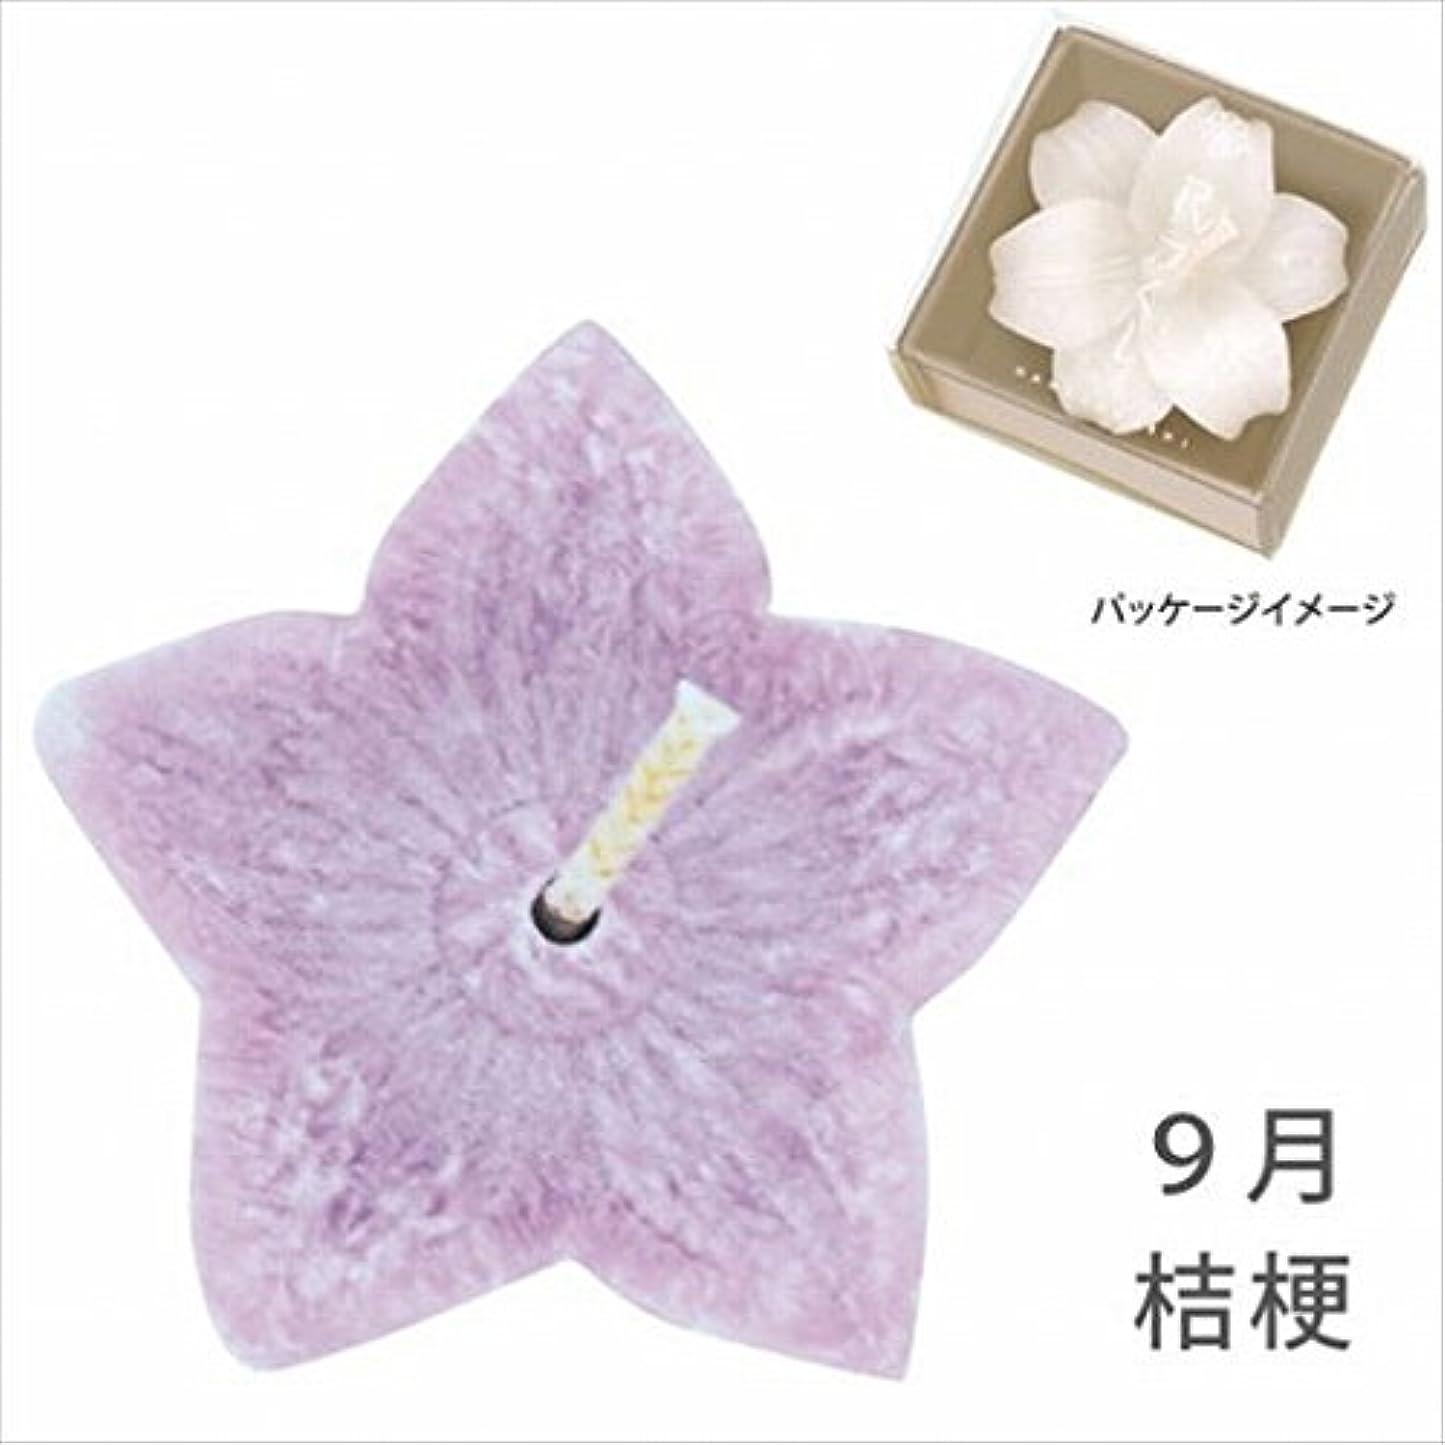 大陸鷹作りますカメヤマキャンドル( kameyama candle ) 花づくし(植物性) 桔梗 「 桔梗(9月) 」 キャンドル